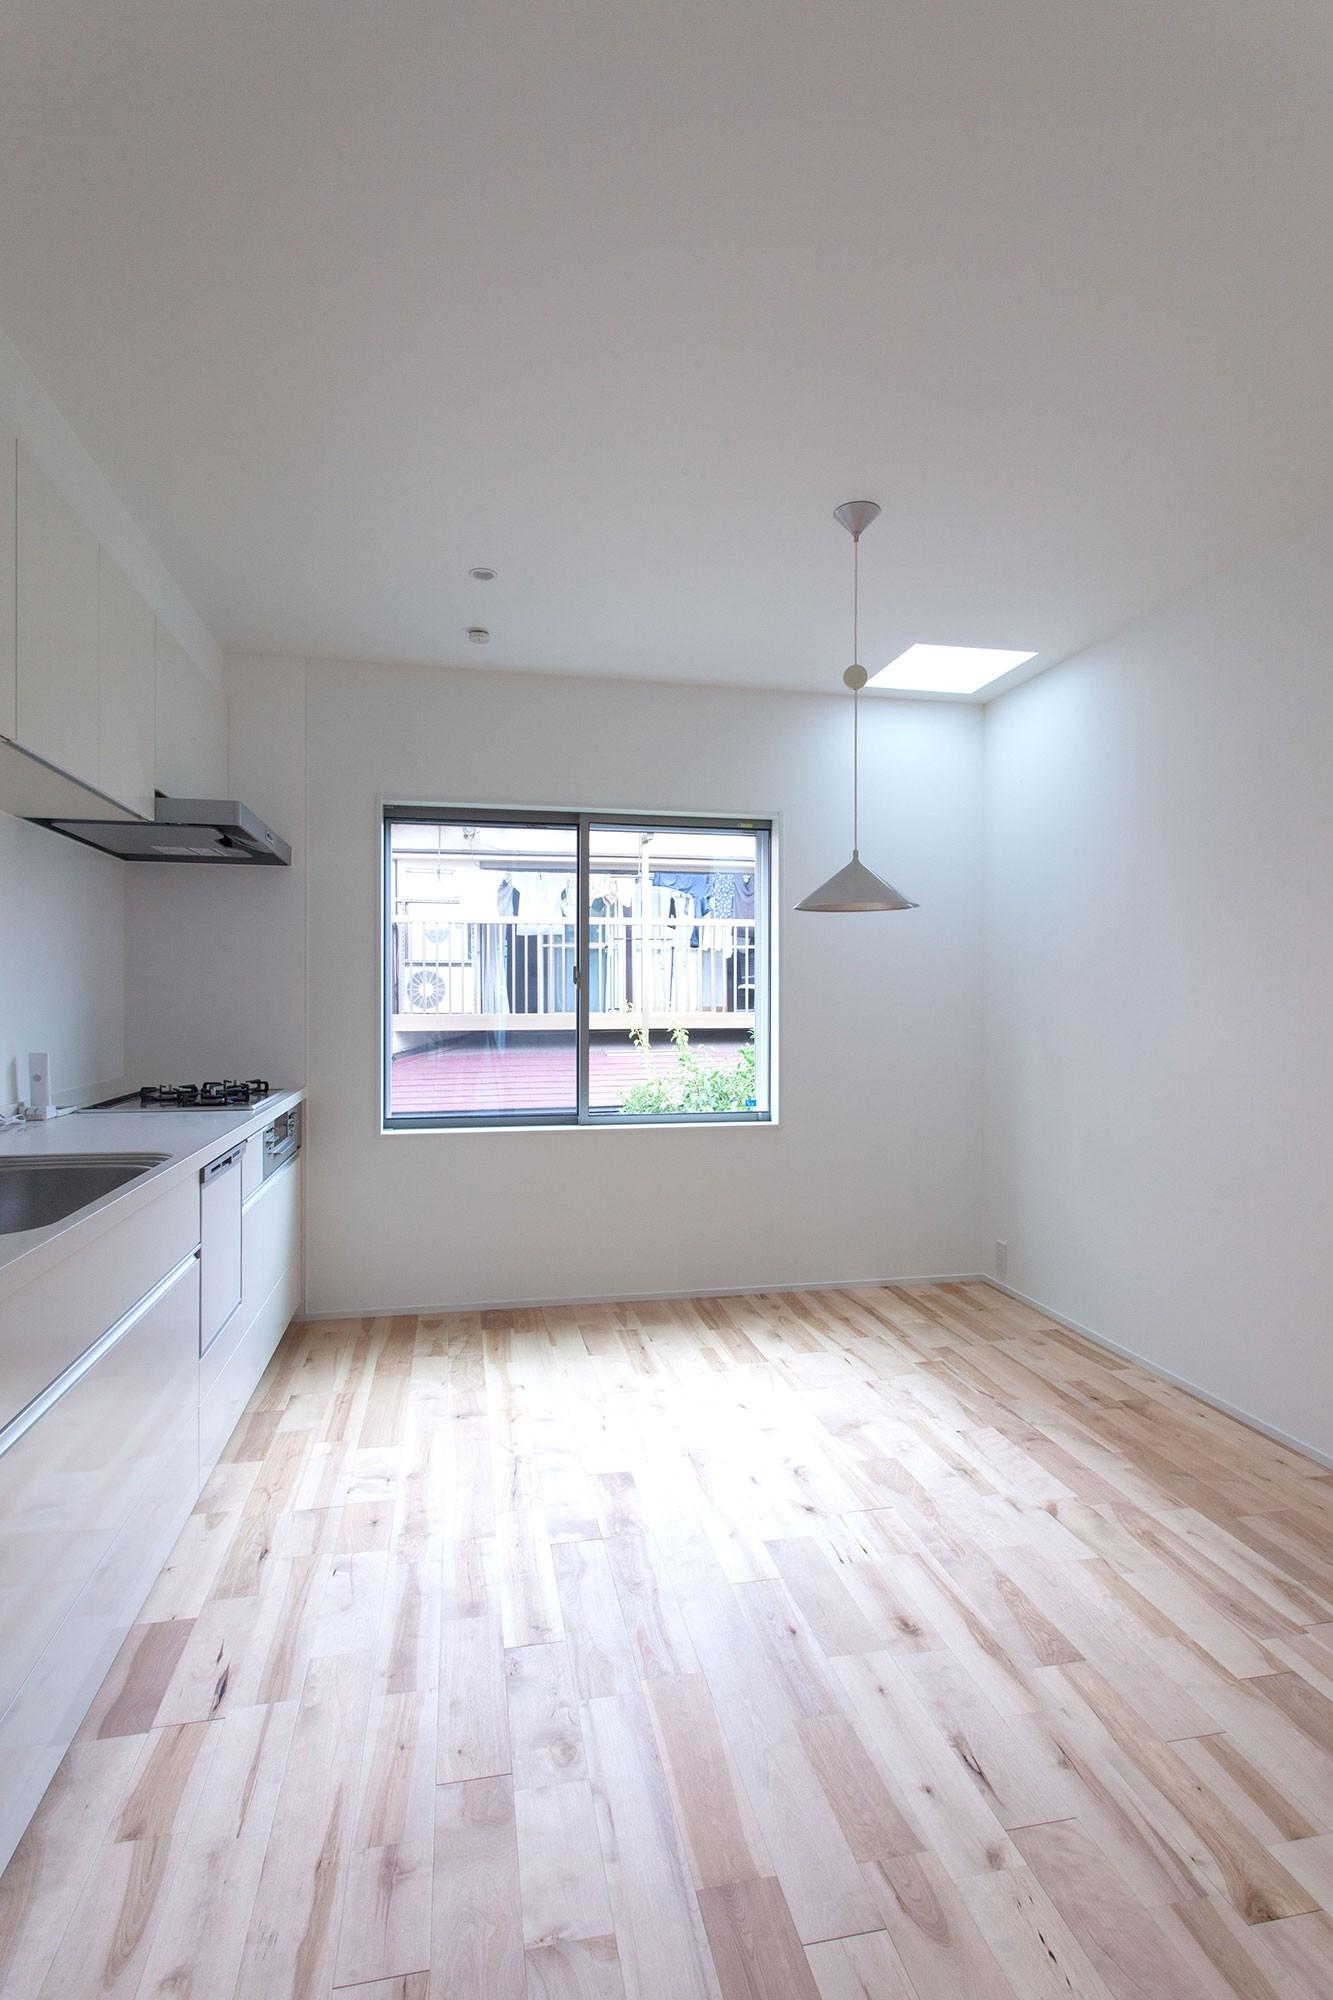 キッチン事例:ダイニングキッチン(高島平の家-敷地形状を活かした伸びやかな住空間)